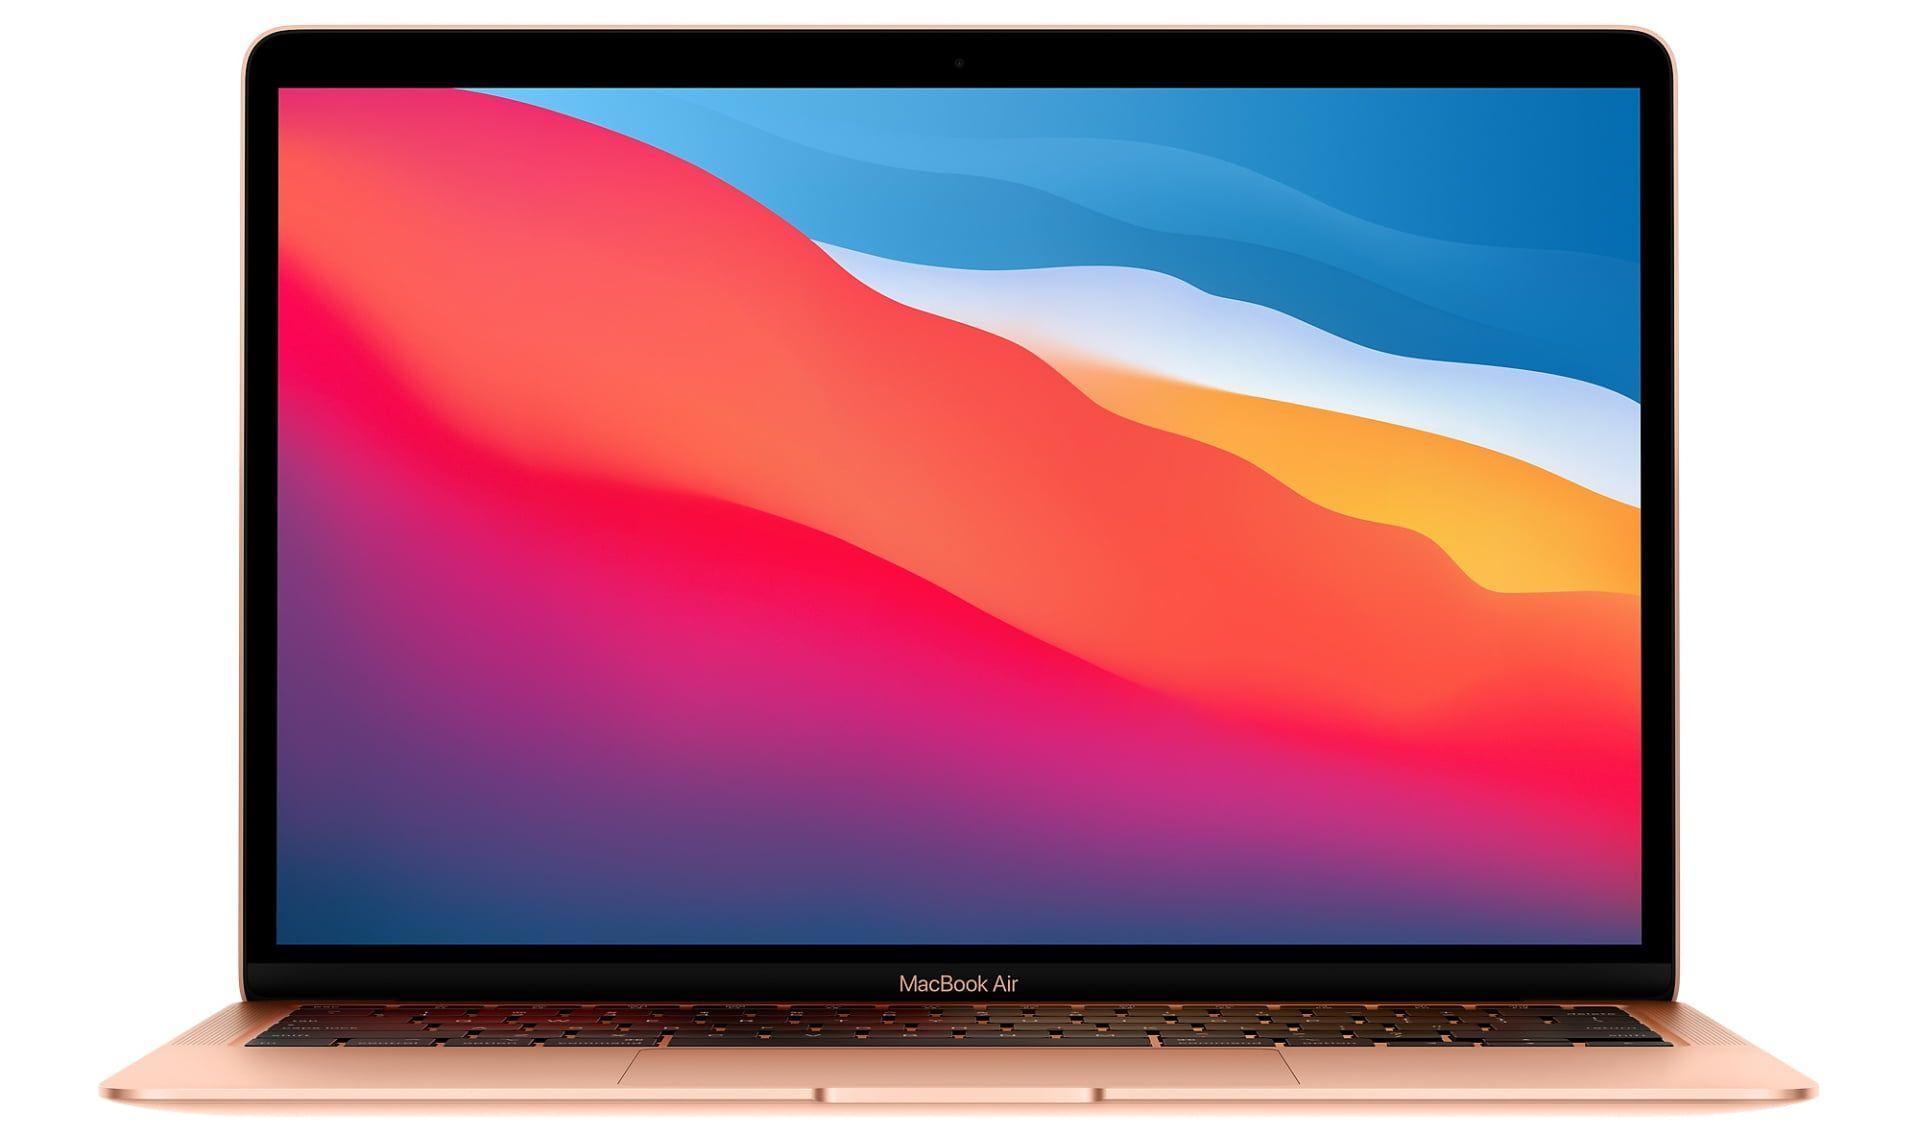 Nowe klawisze funkcyjne w najnowszym MacBooku Air